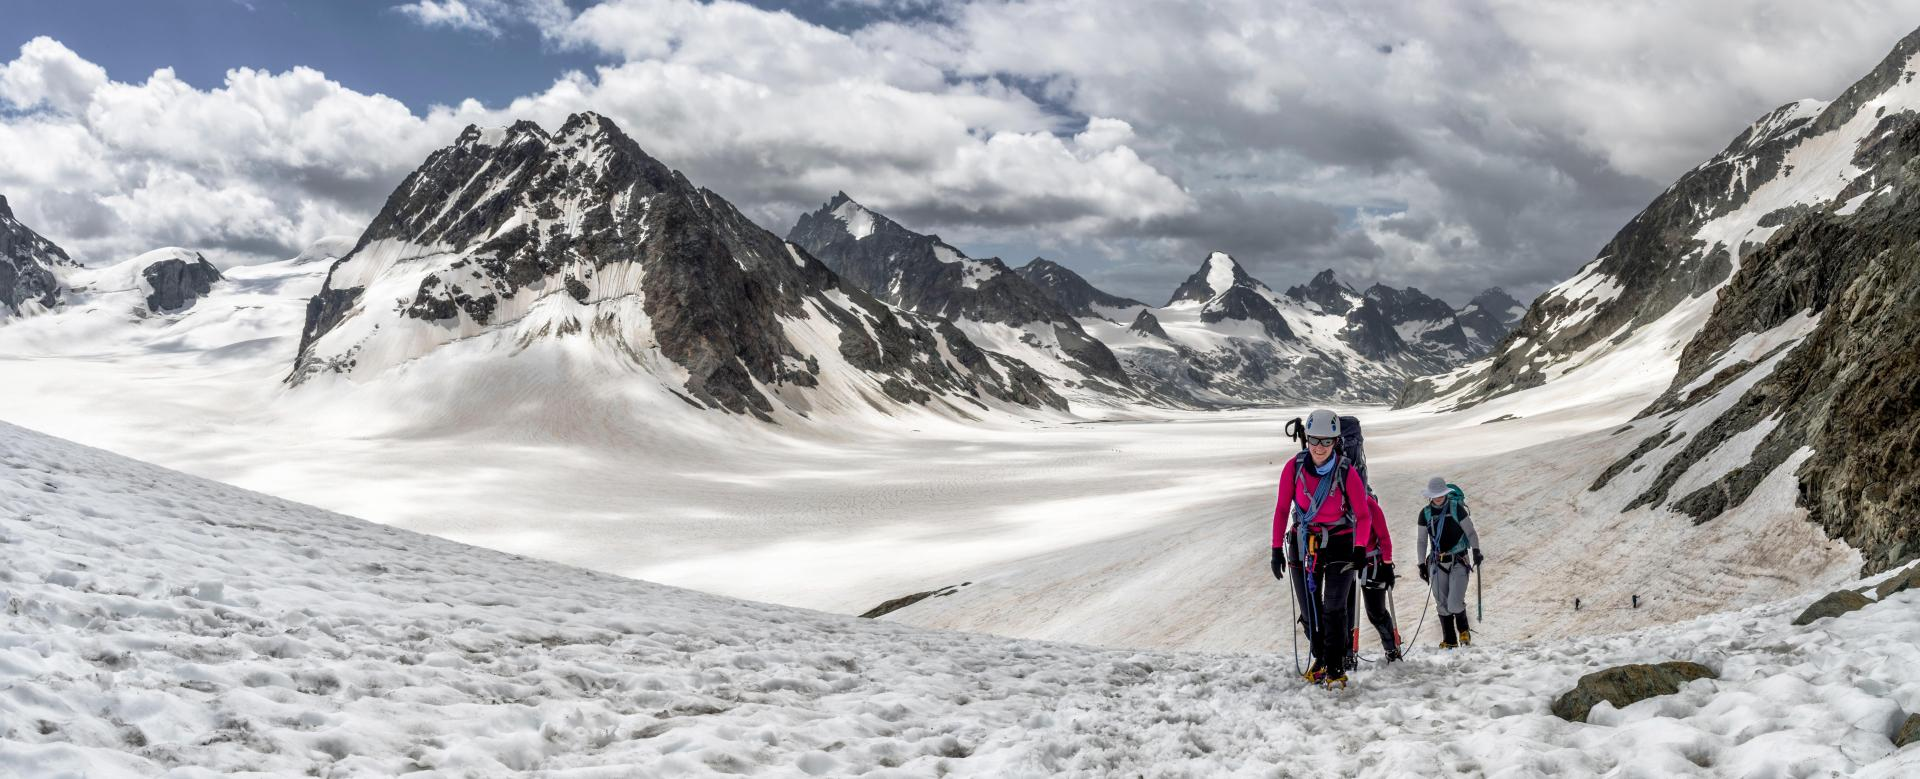 Voyage à pied : La haute route chamonix-zermatt